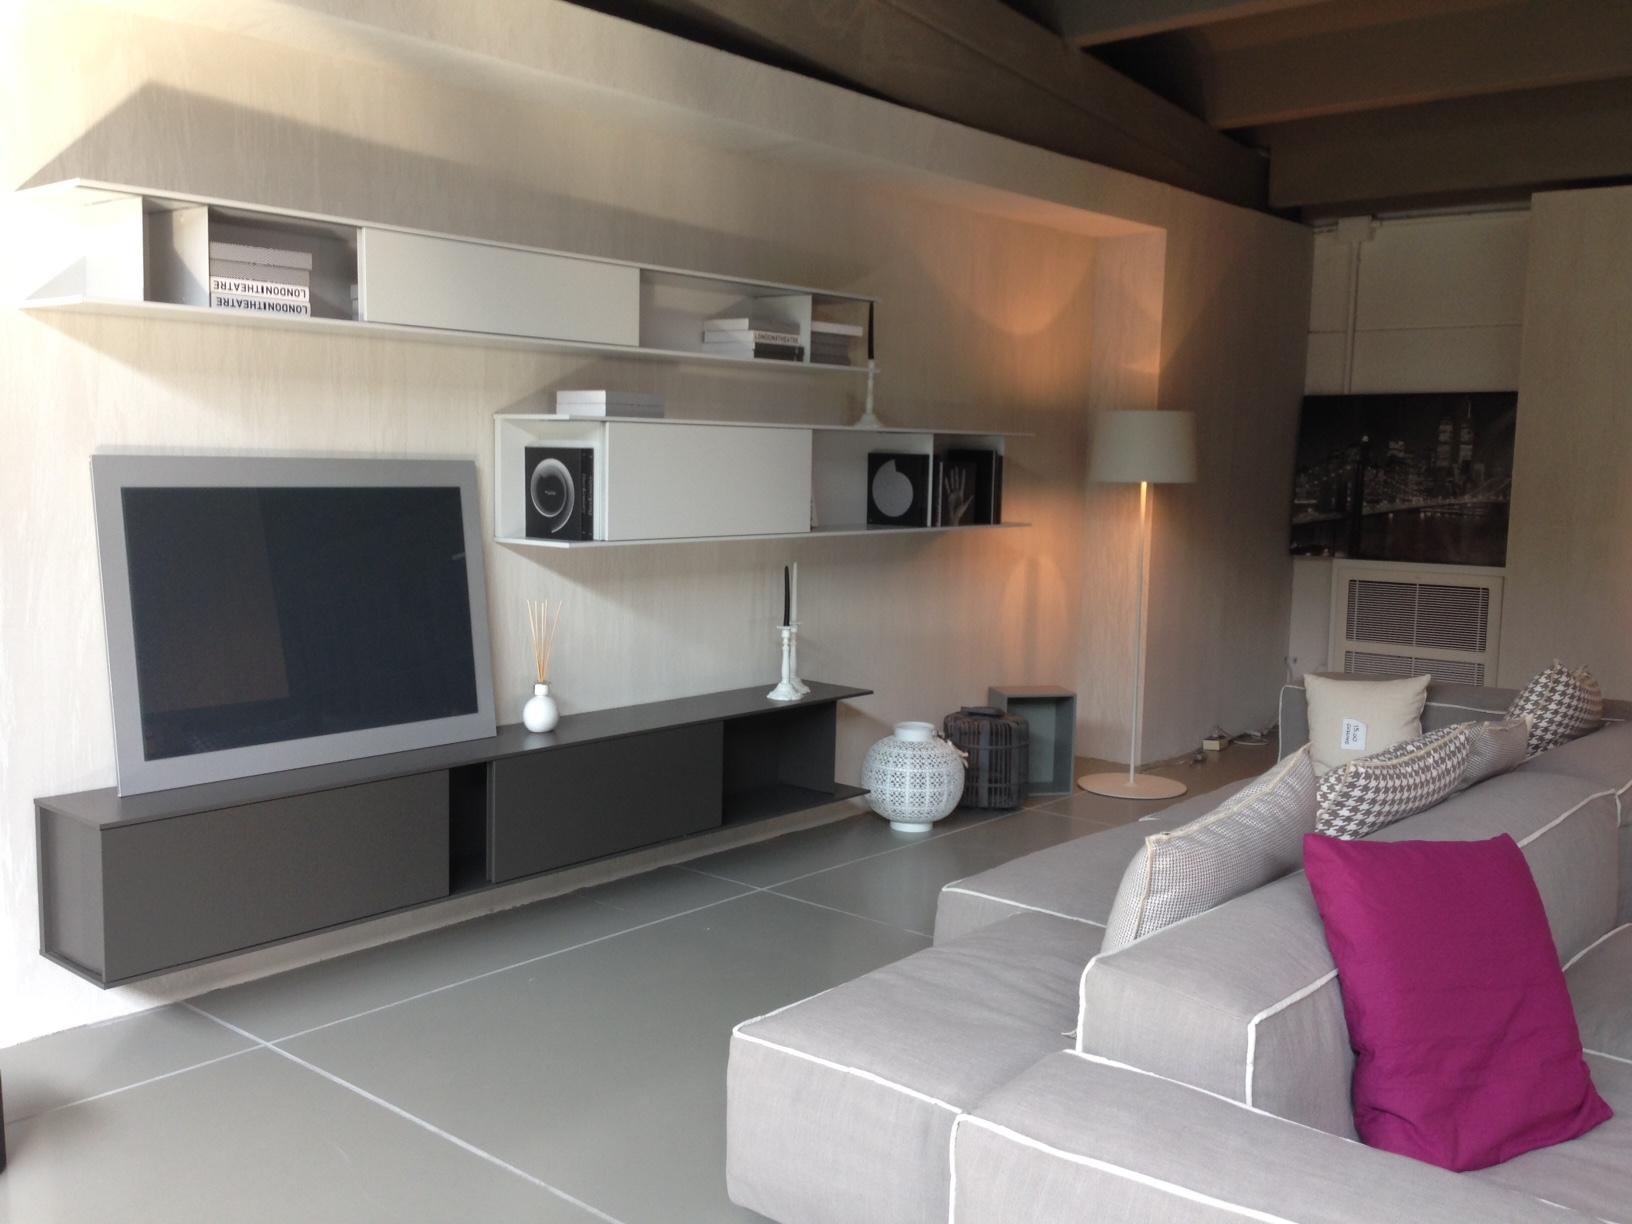 Soggiorno poliform skip laccato opaco pareti attrezzate design soggiorni a prezzi scontati - Pareti attrezzate design ...